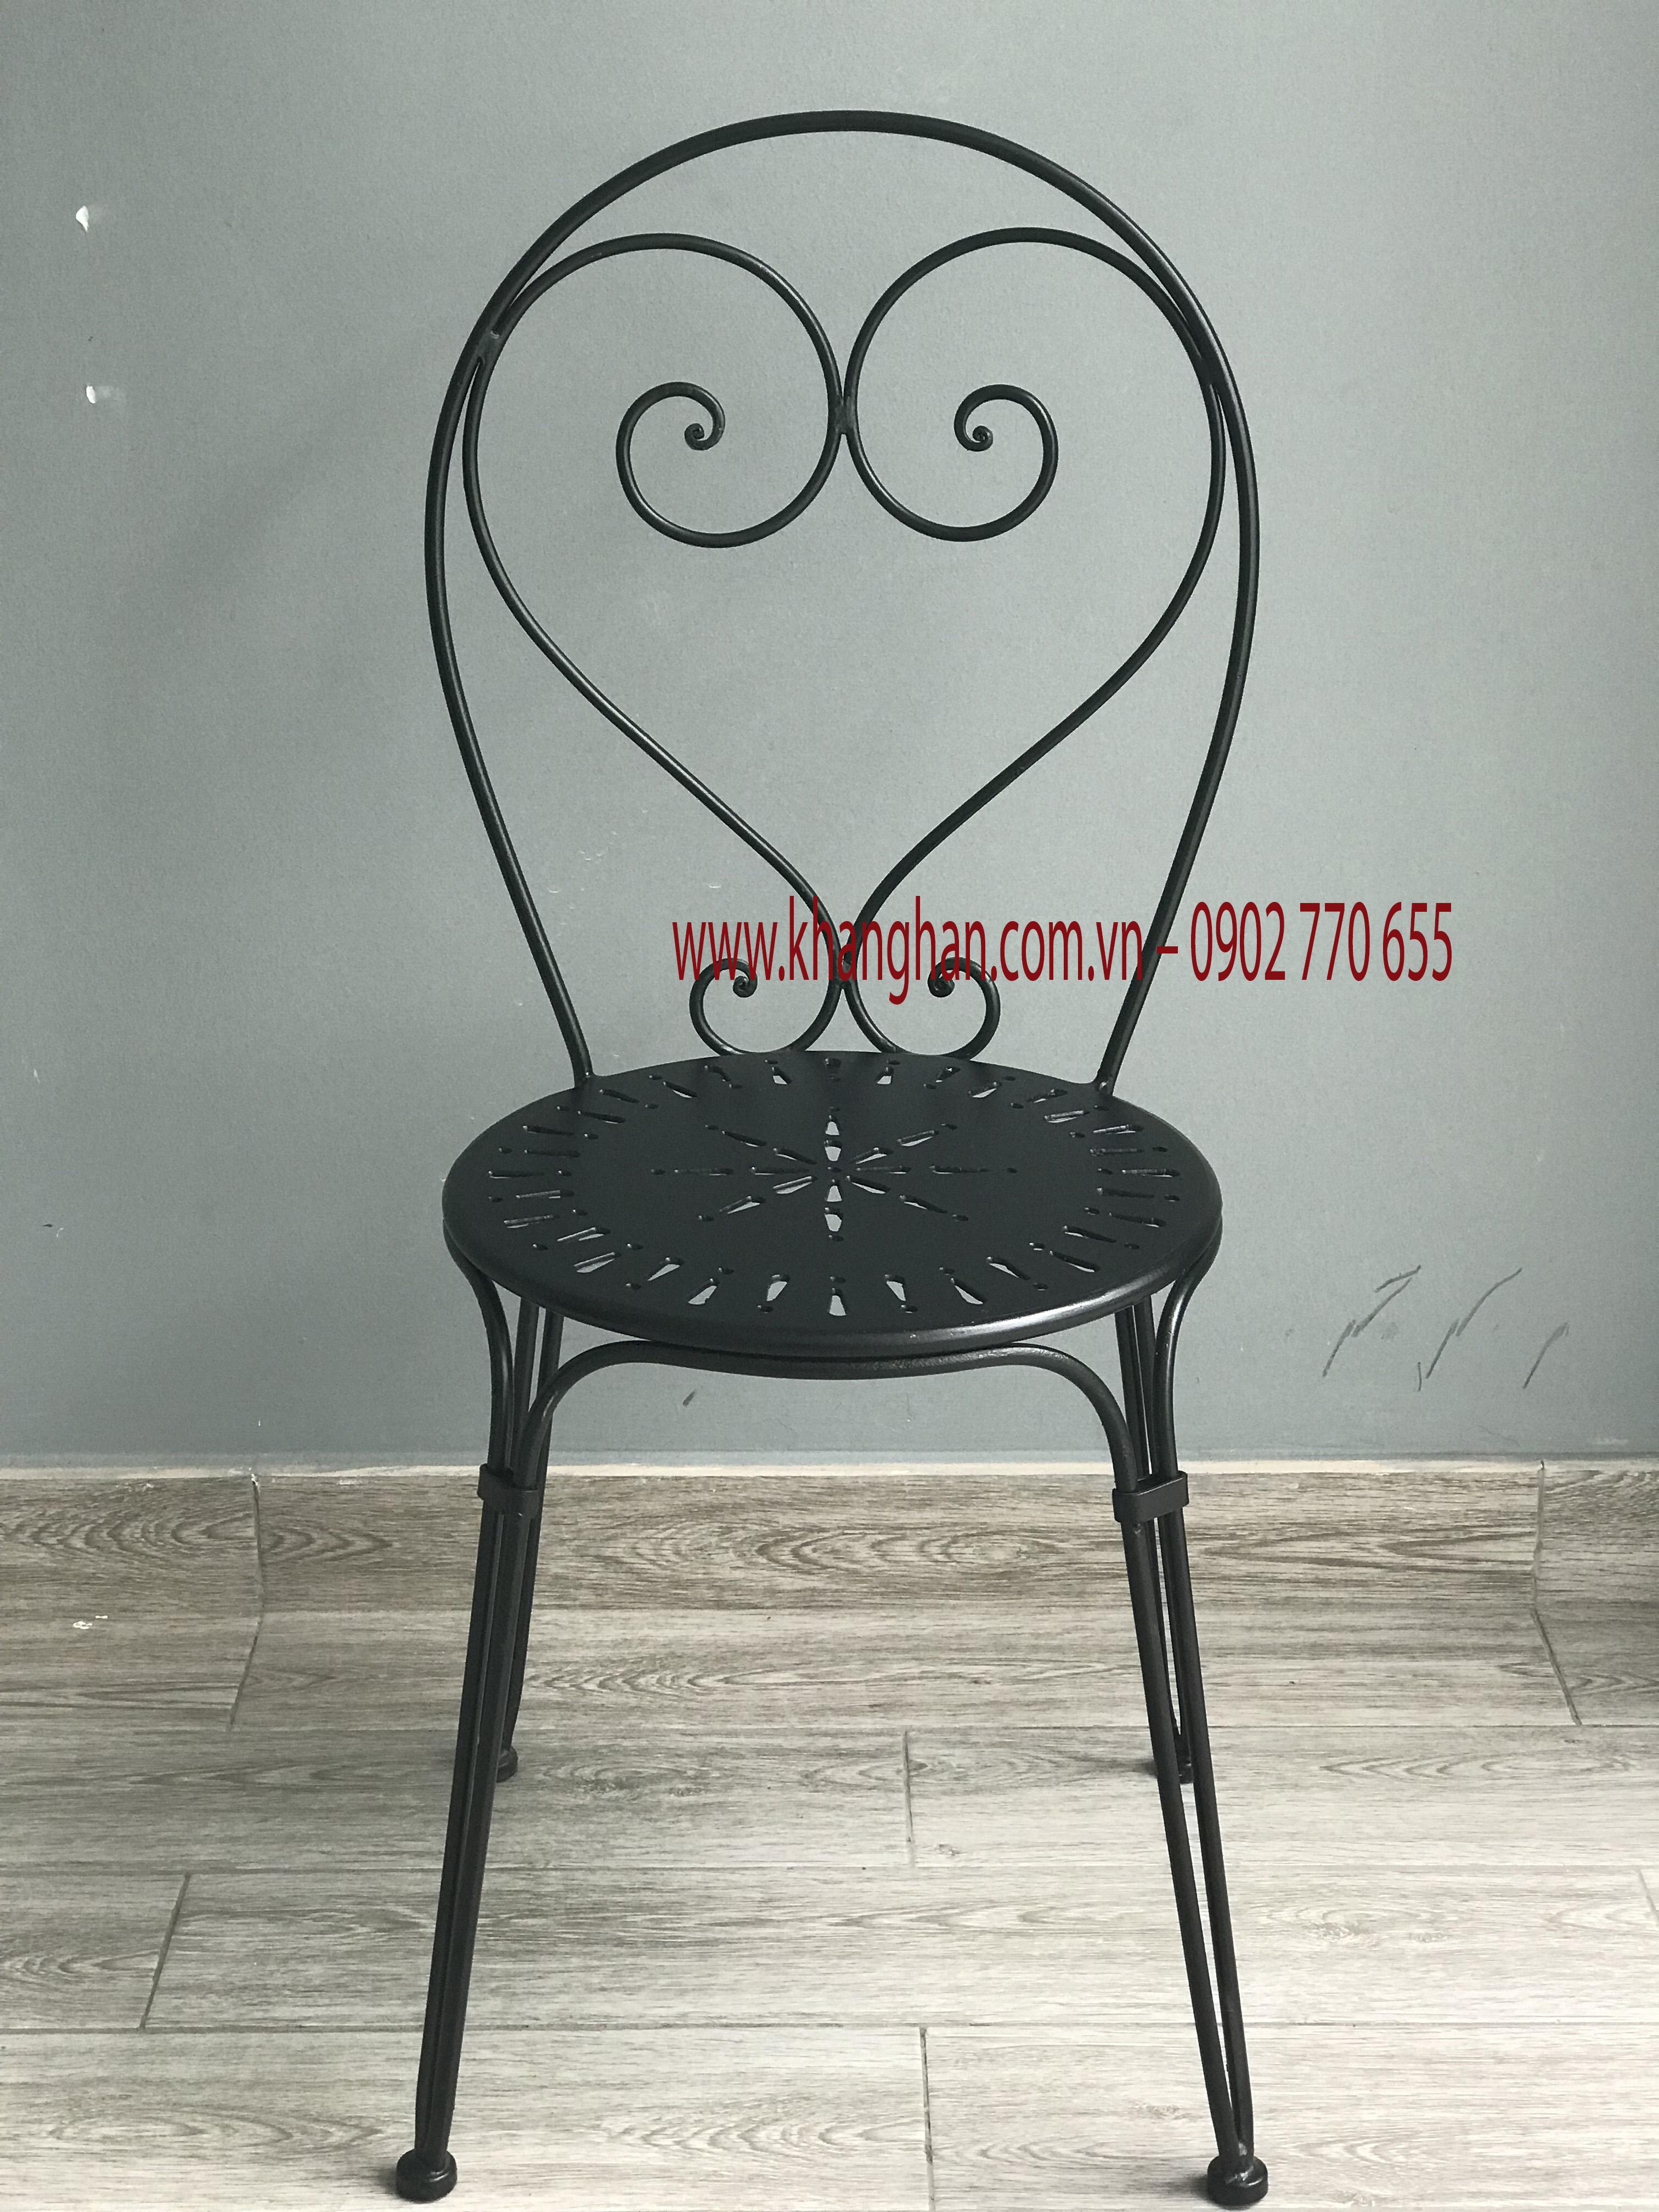 Ghế sắt đẹp cho quán cafe,ghế sắt giá rẻ,bền đẹp tại thành phố hồ chí minh